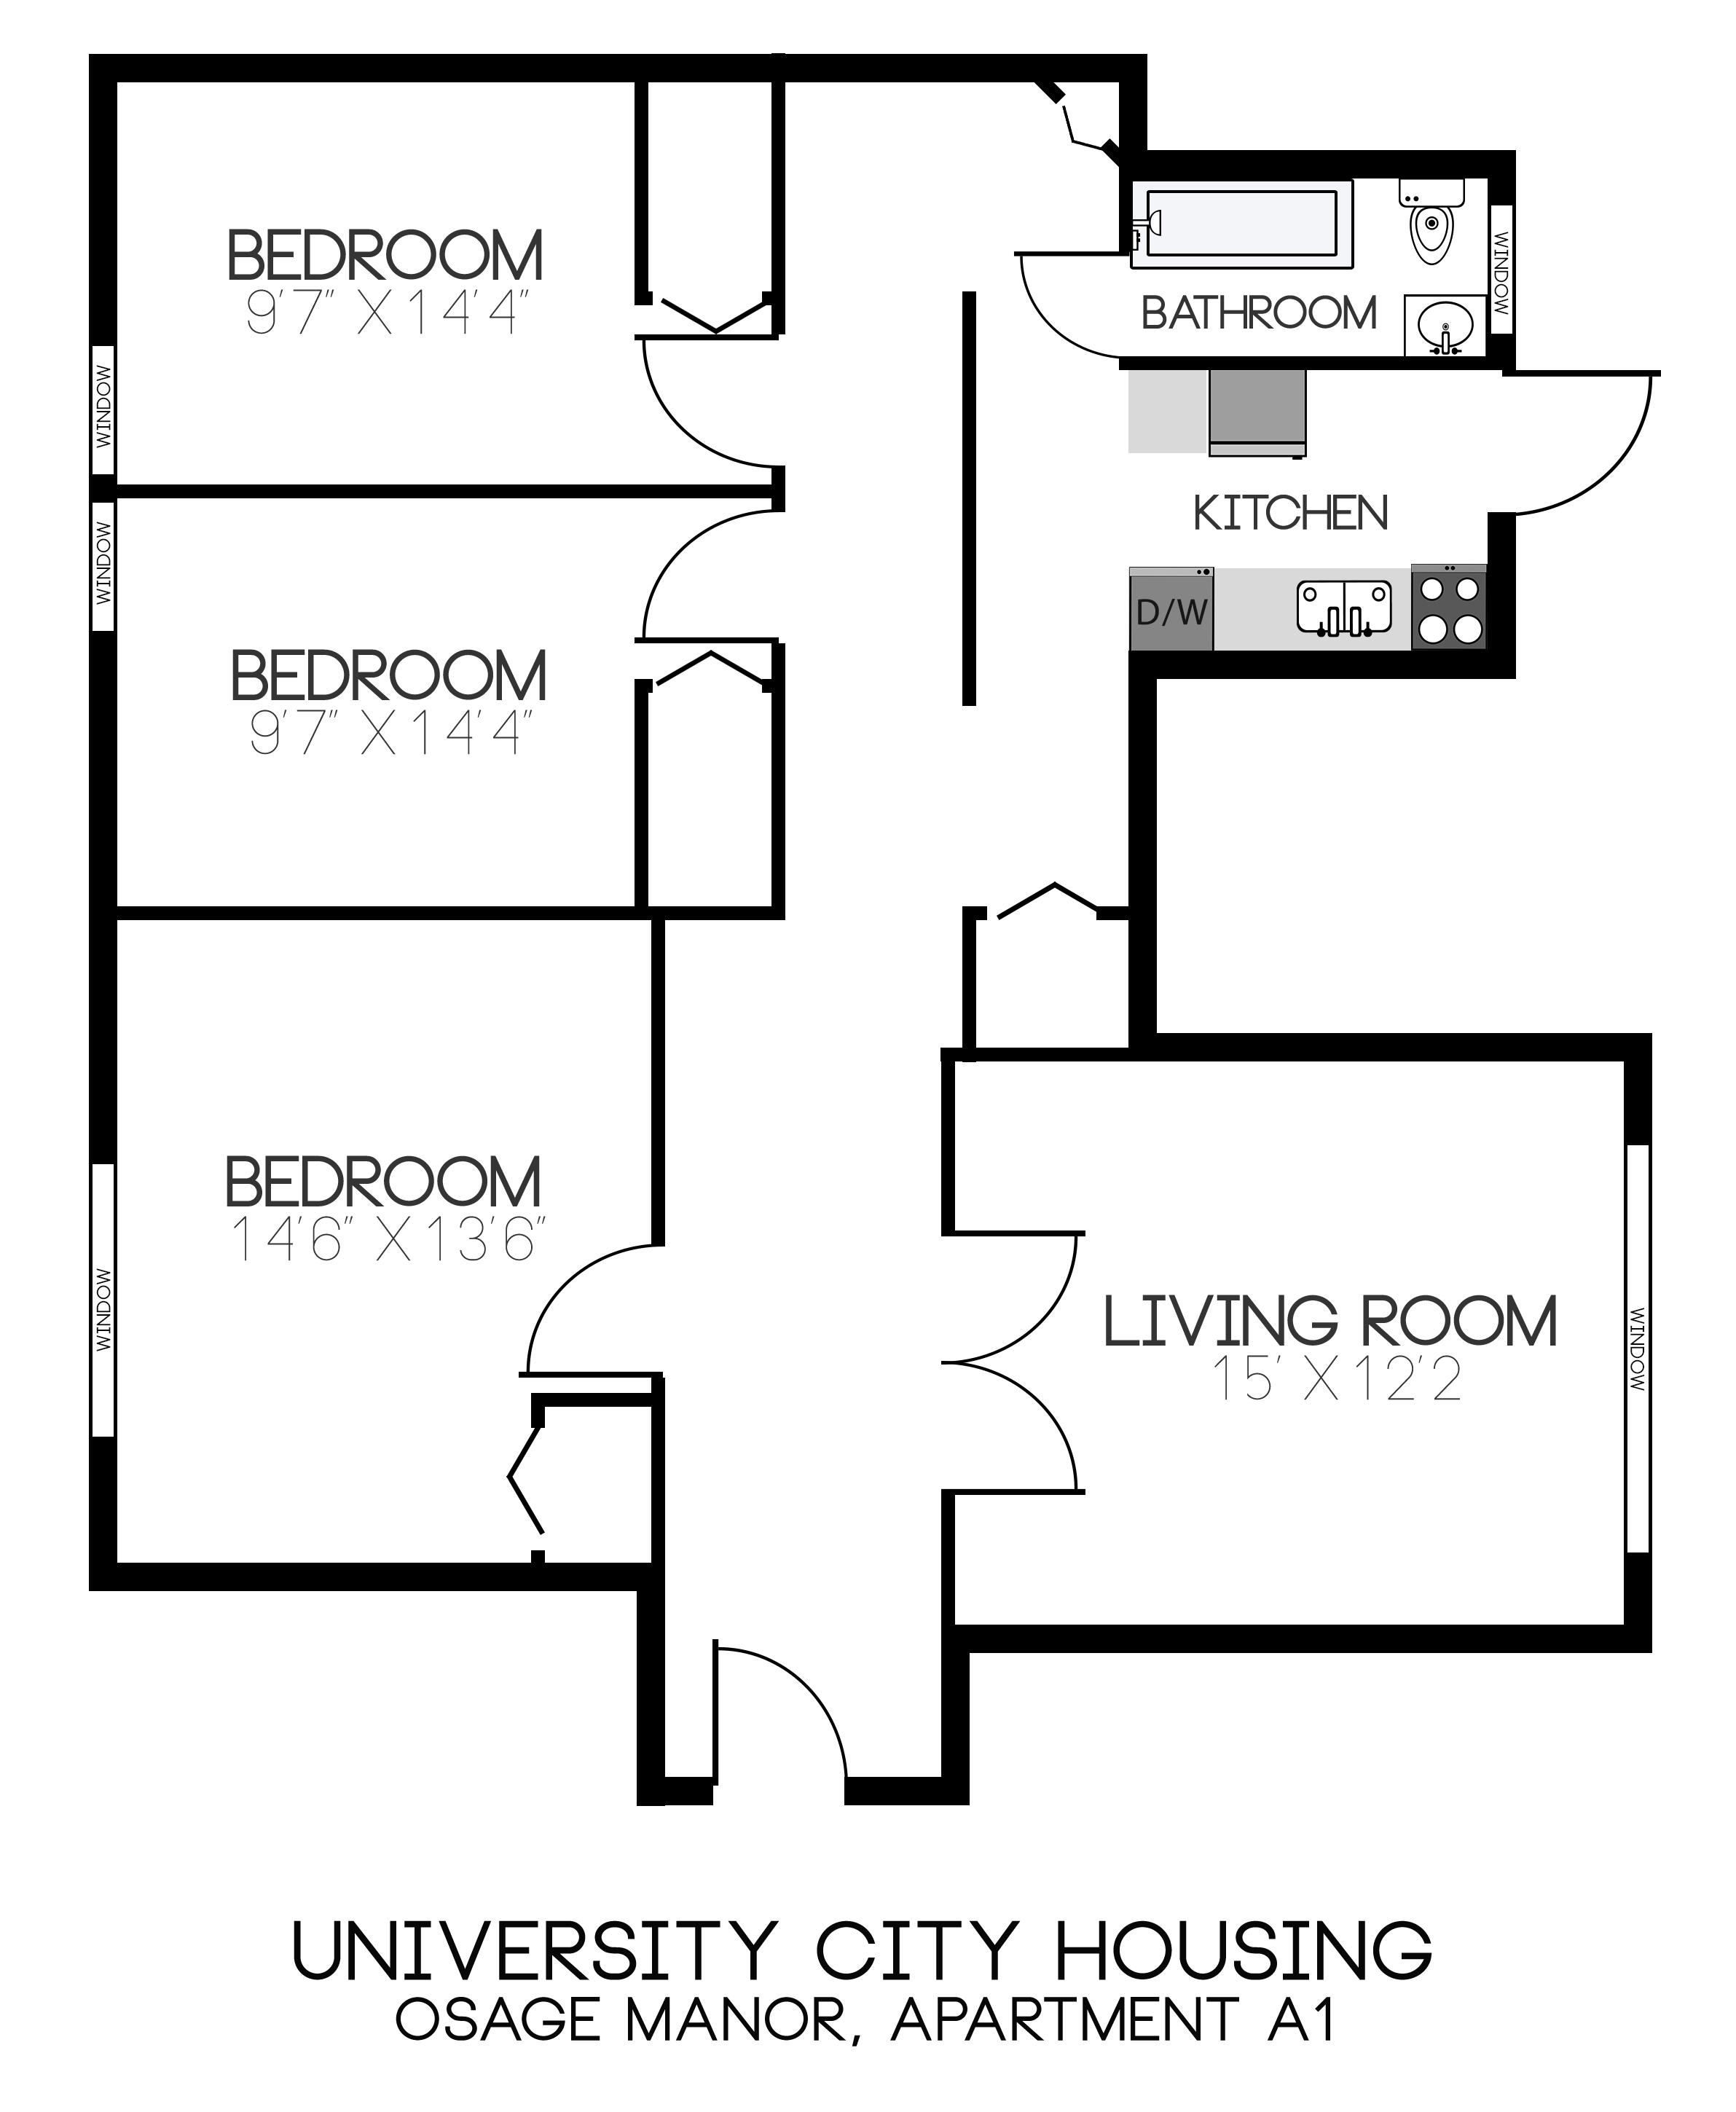 osage manor university city housing